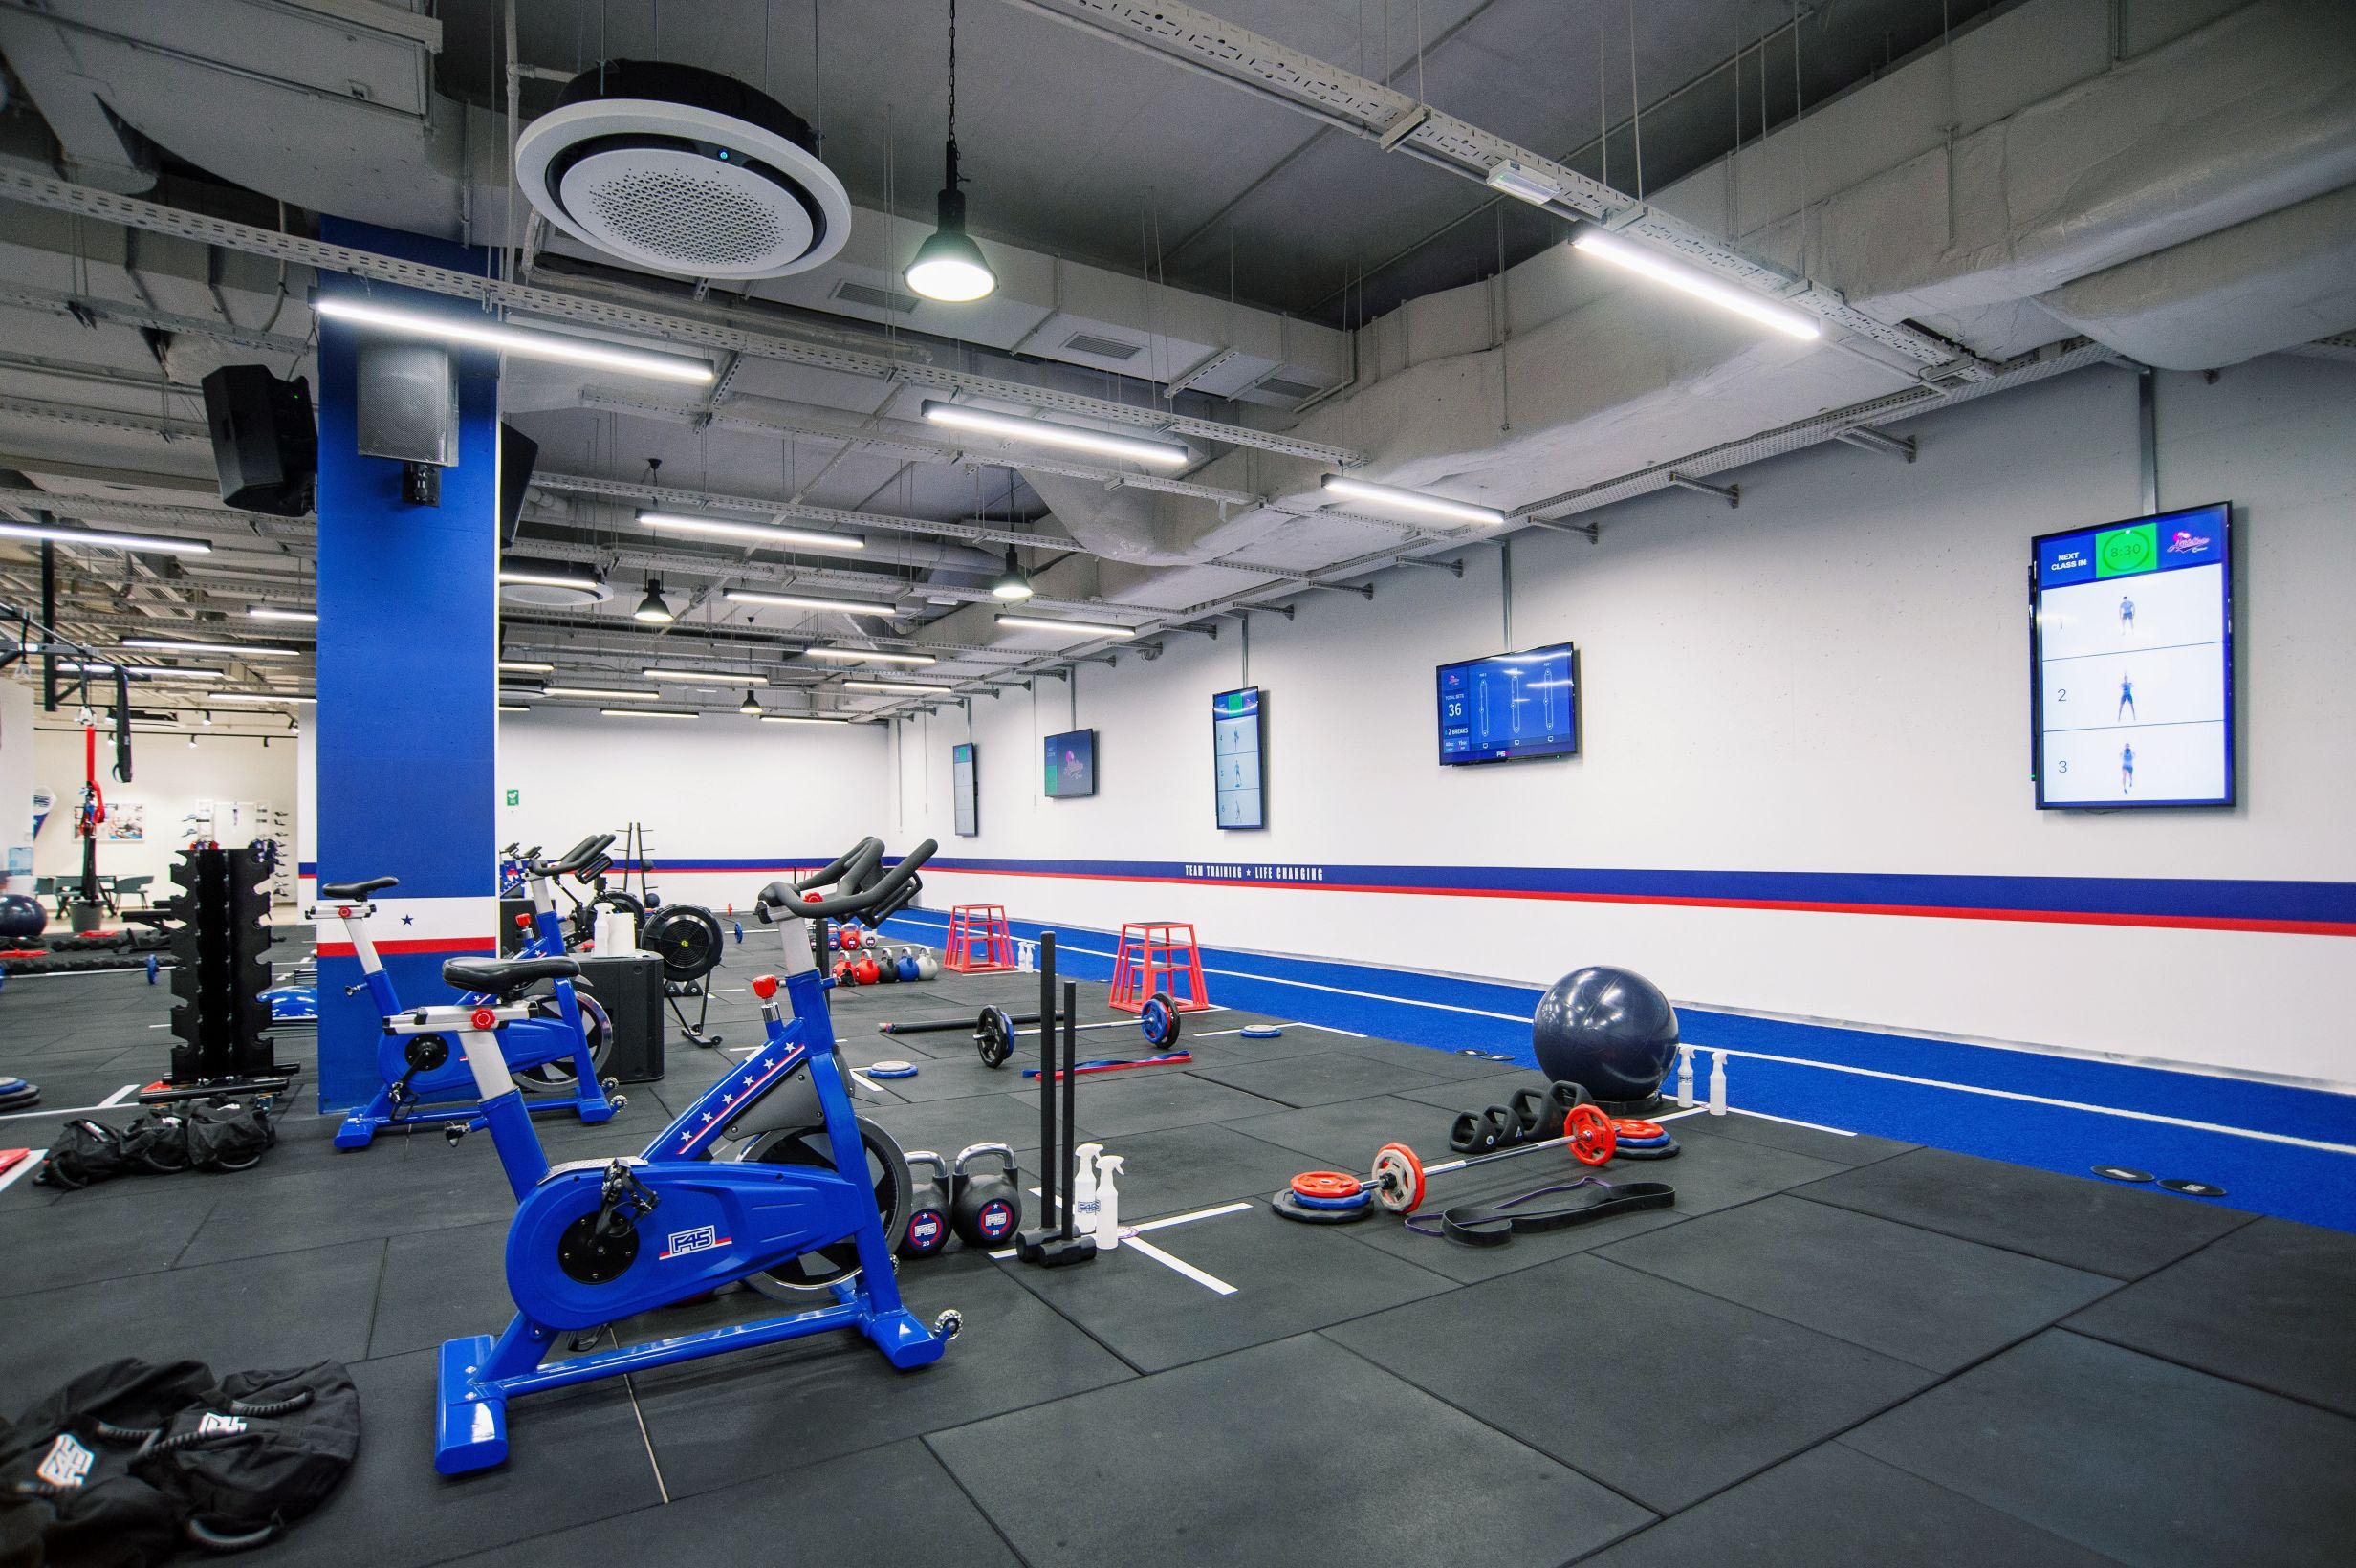 Najpoznatija svjetska fitness franšiza F45 preuredila svoj prostor: Vježbajte kao Beyonce i Mark Wahlberg u F45